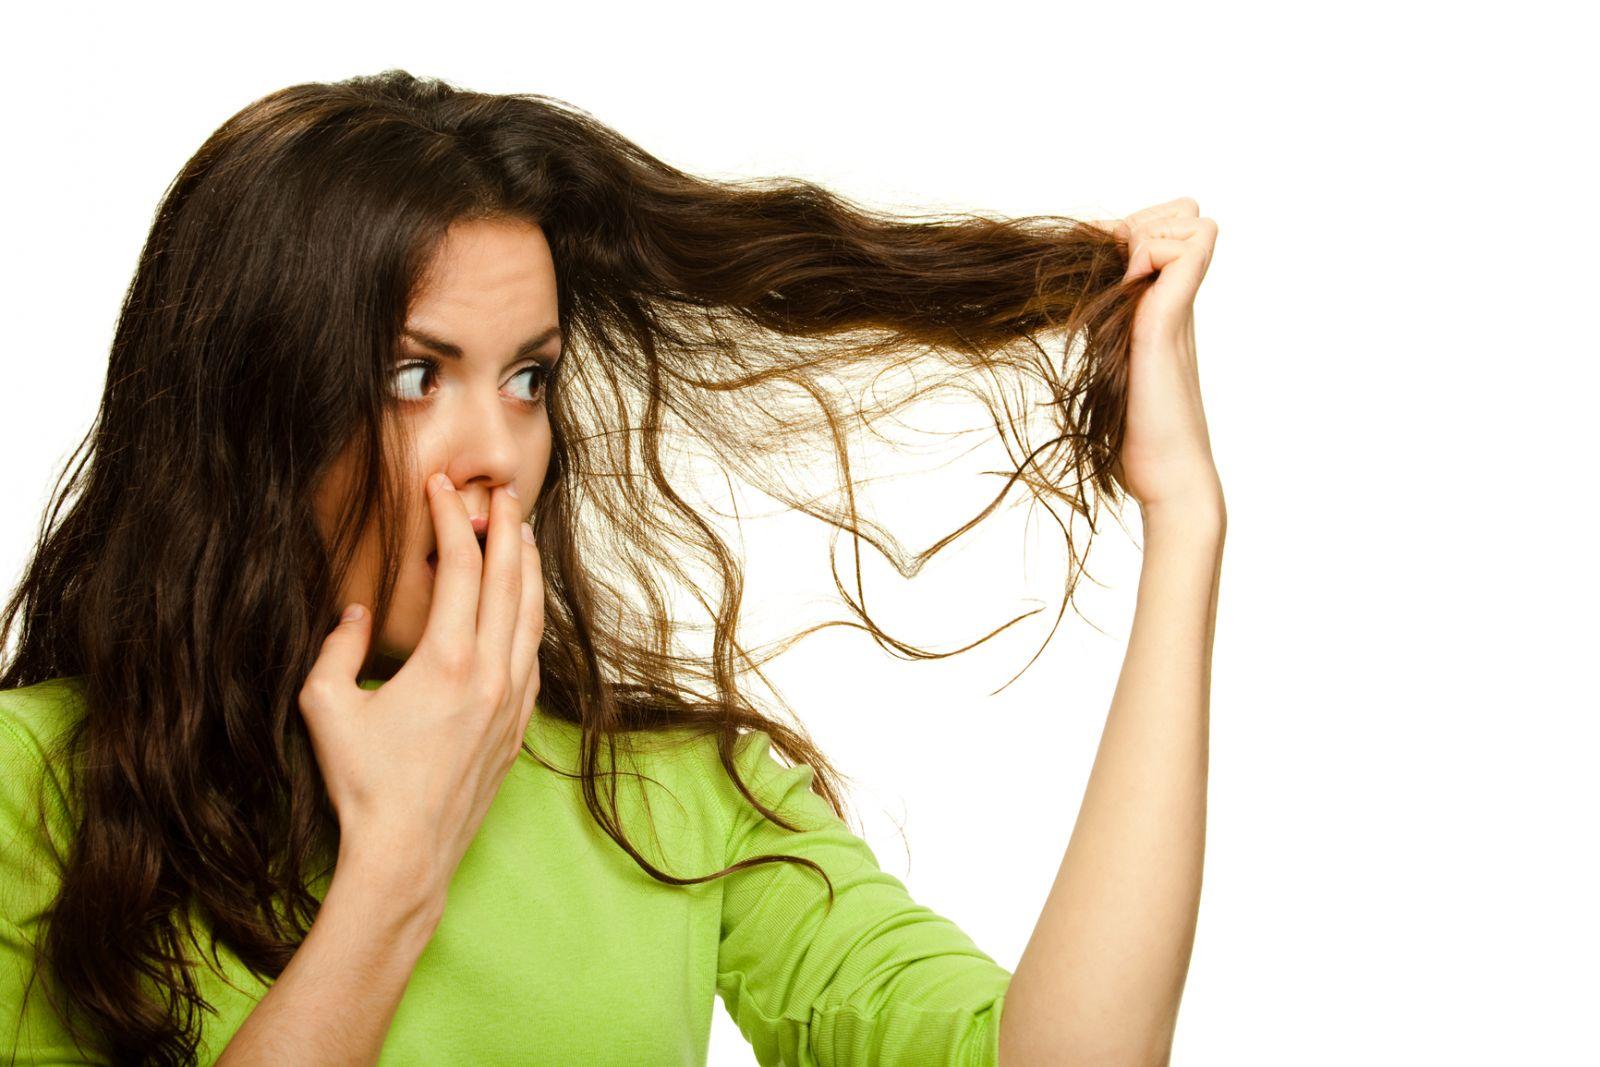 Стрессы на работе уничтожают красоту кожи и волос